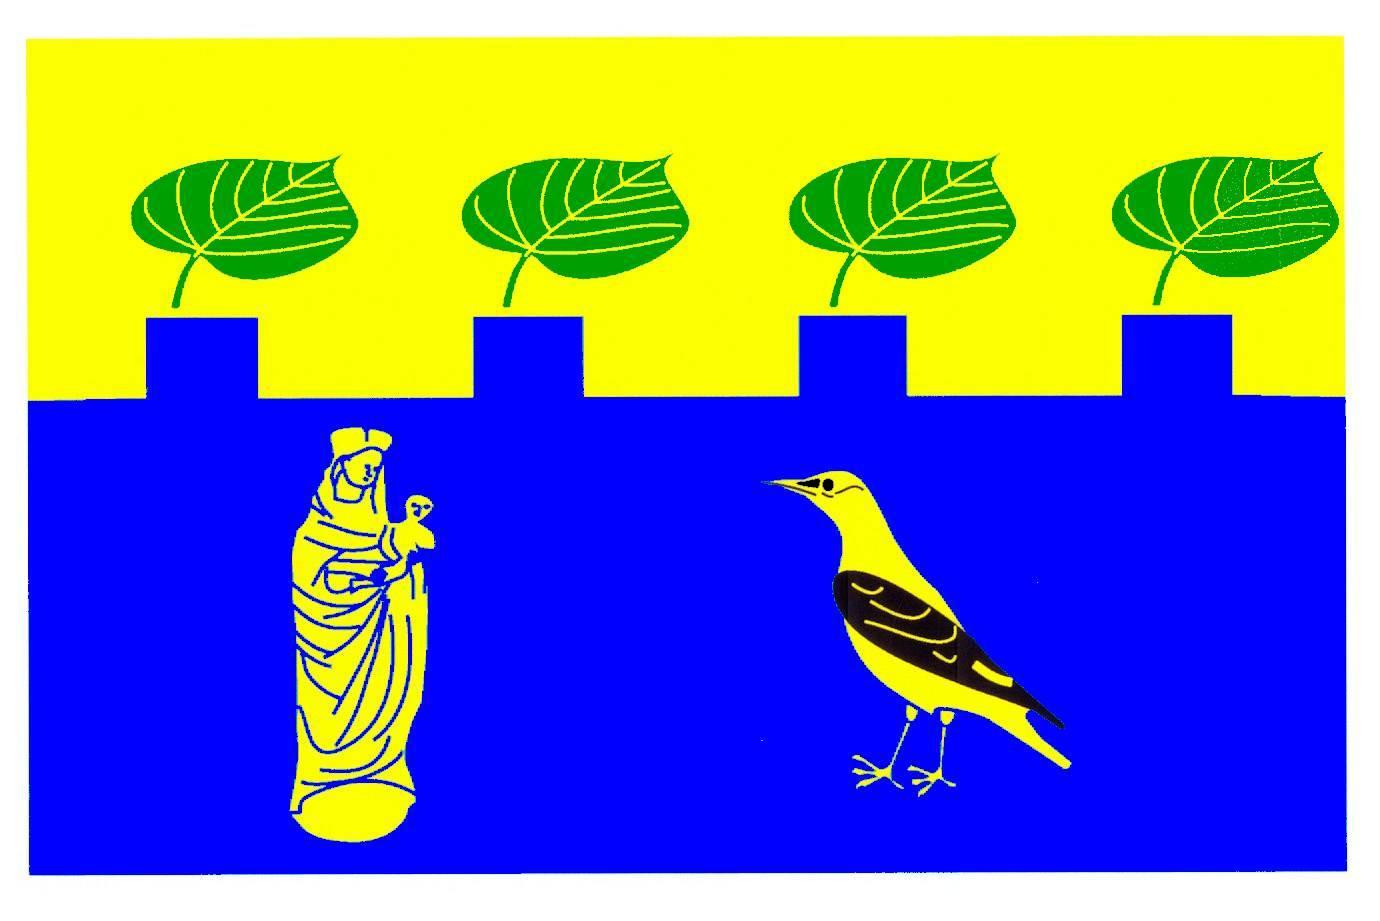 Flagge GemeindeGudow, Kreis Herzogtum Lauenburg